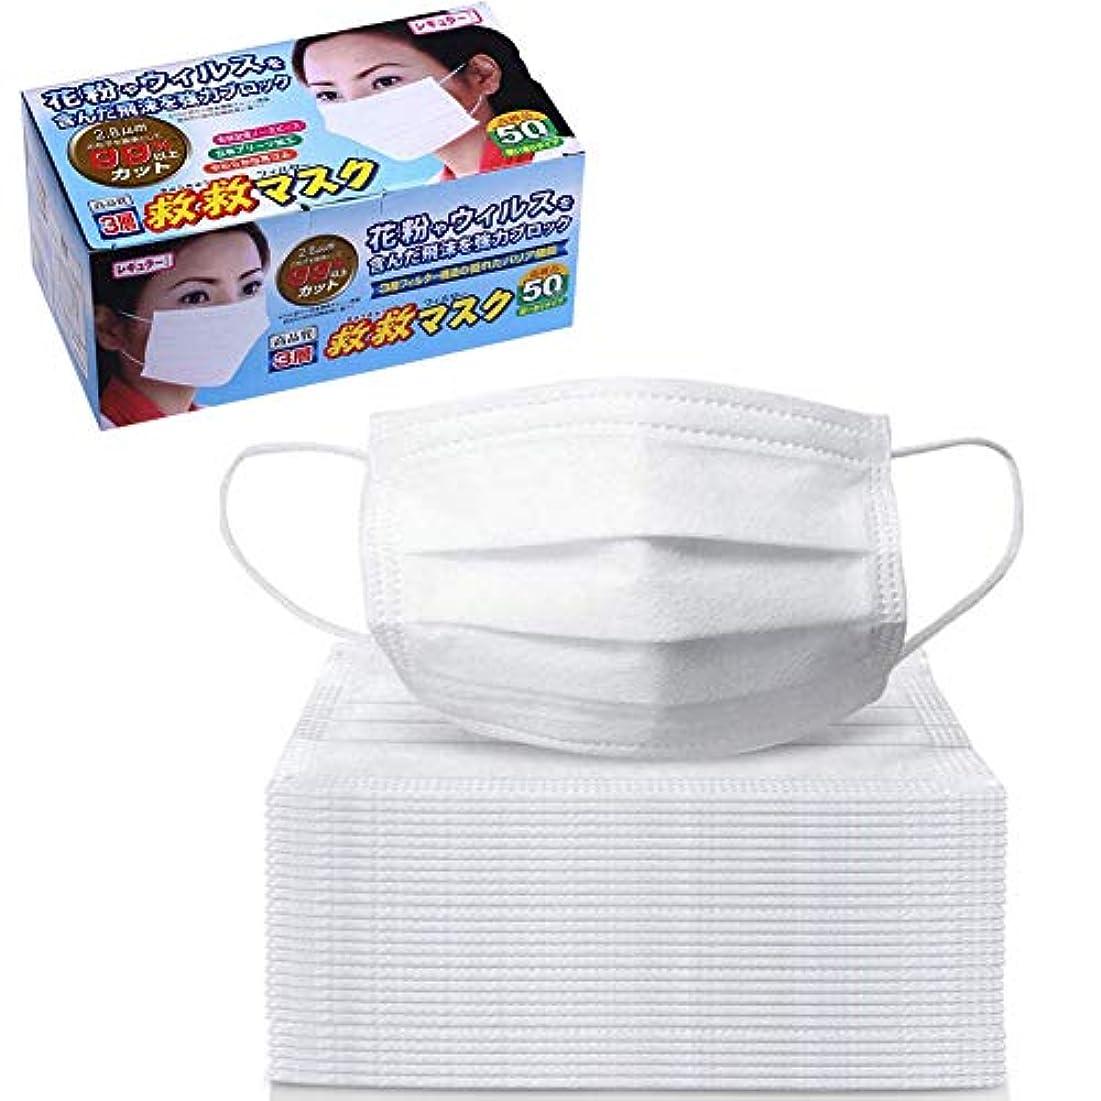 所有権橋ポゴスティックジャンプマスク 50枚 使い捨て 3層の厚さ 不織布 通気性 スーパーフィルター 抗アレルギー ホワイト